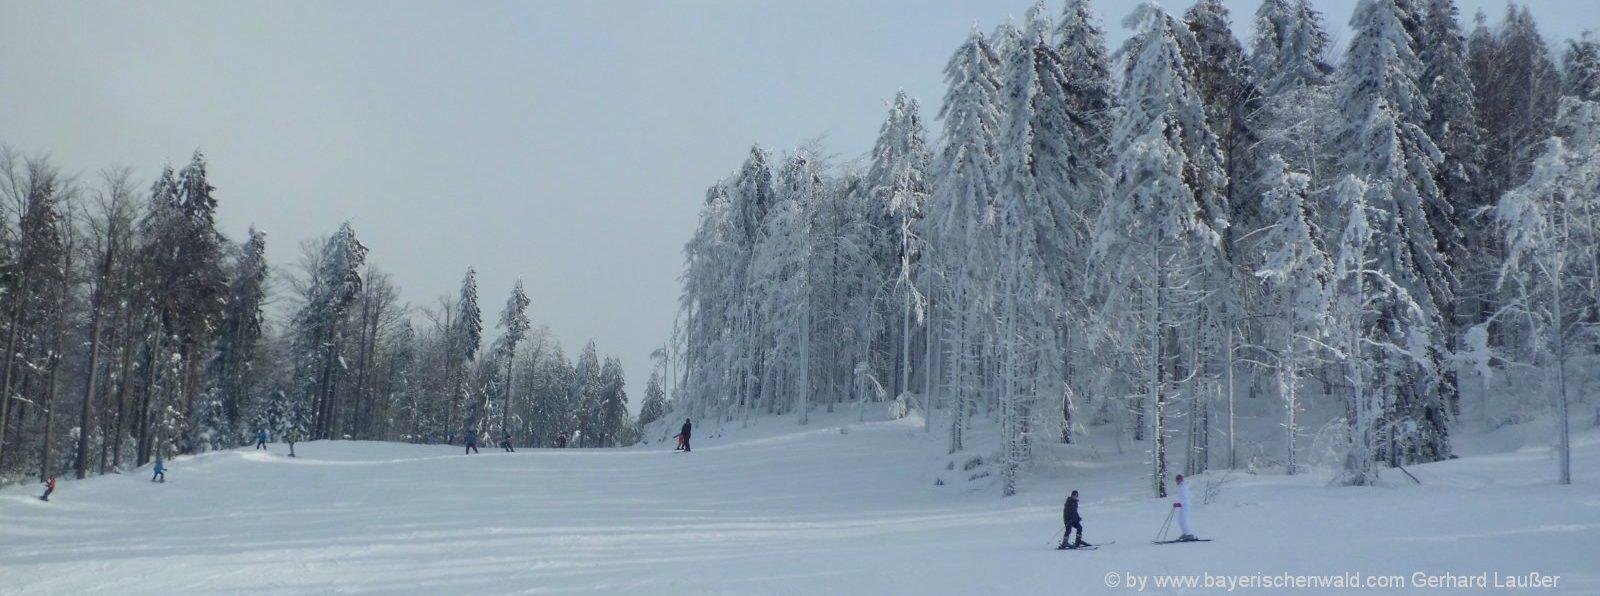 hochficht-boehmerwald-skigebiet-oesterreich-skifahren